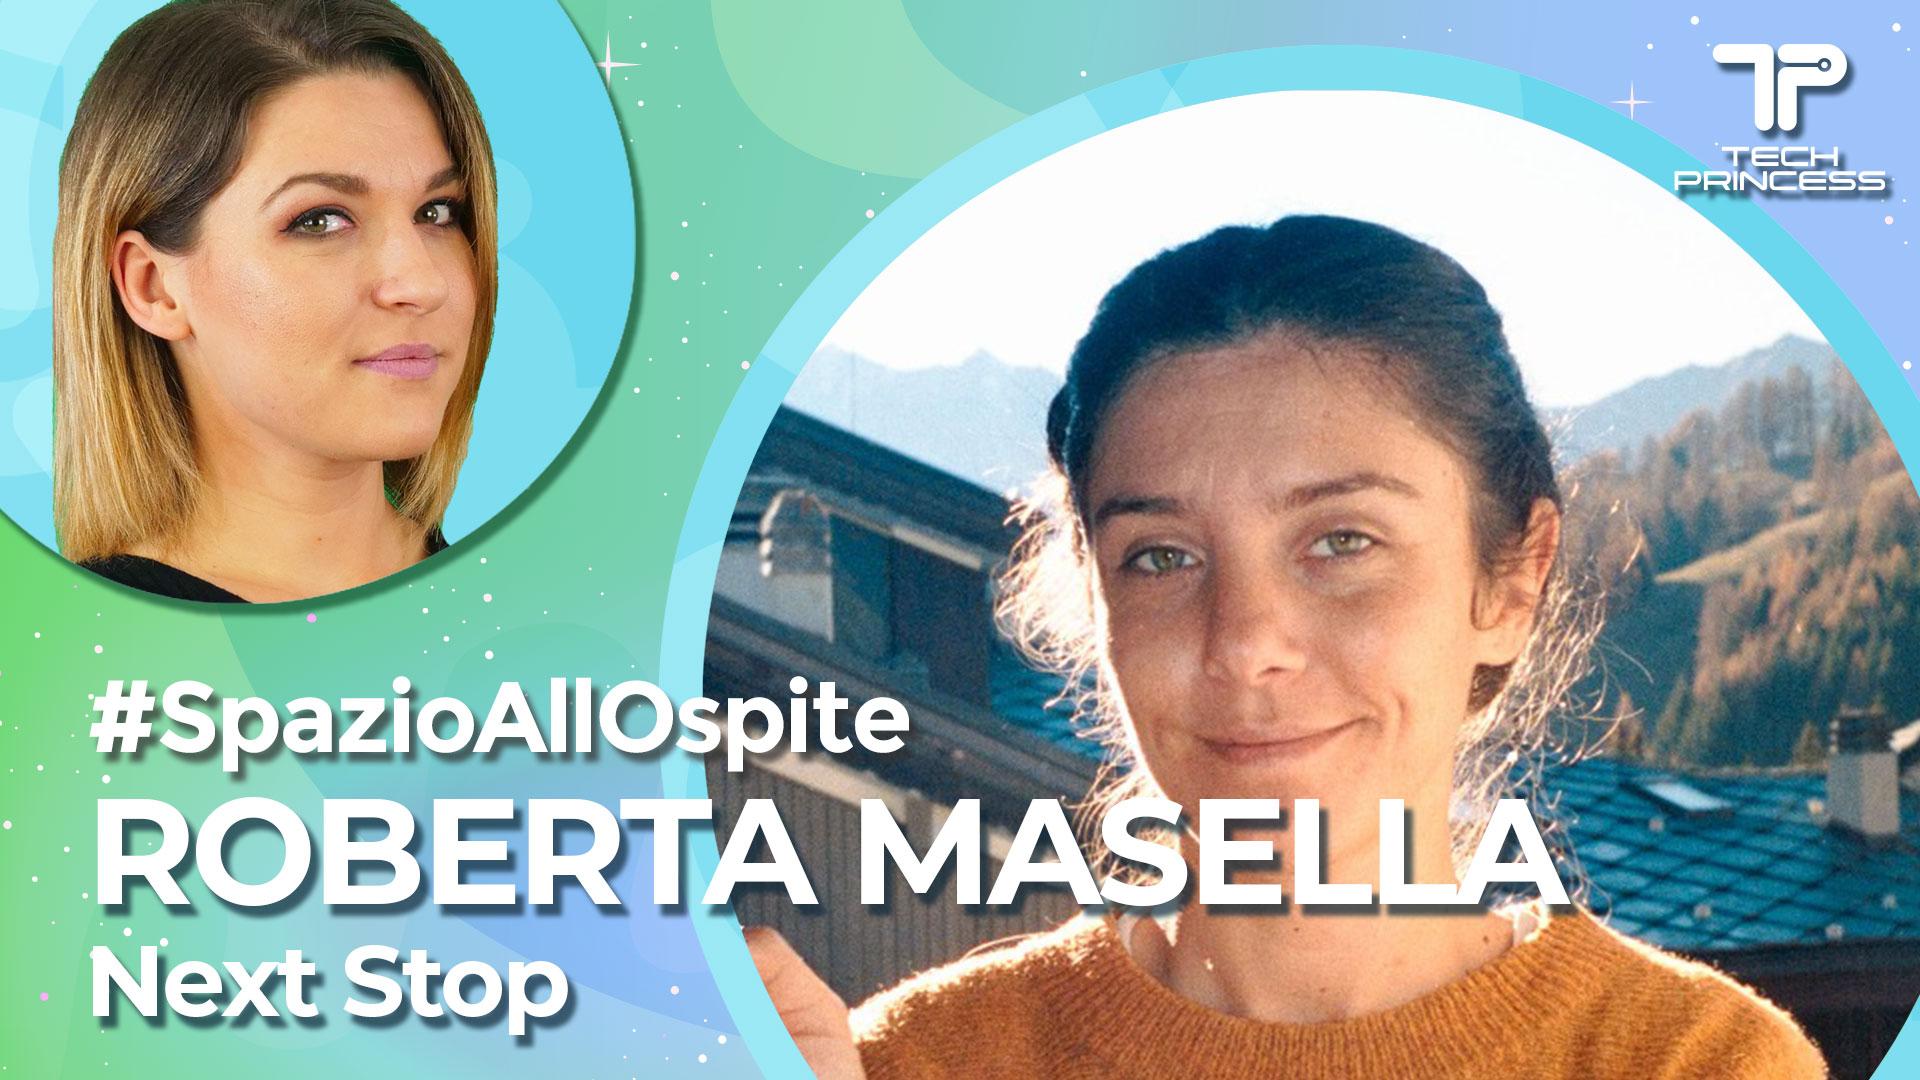 Spazio all'Ospite: con Roberta Masella, co-fondatrice di Next Stop thumbnail